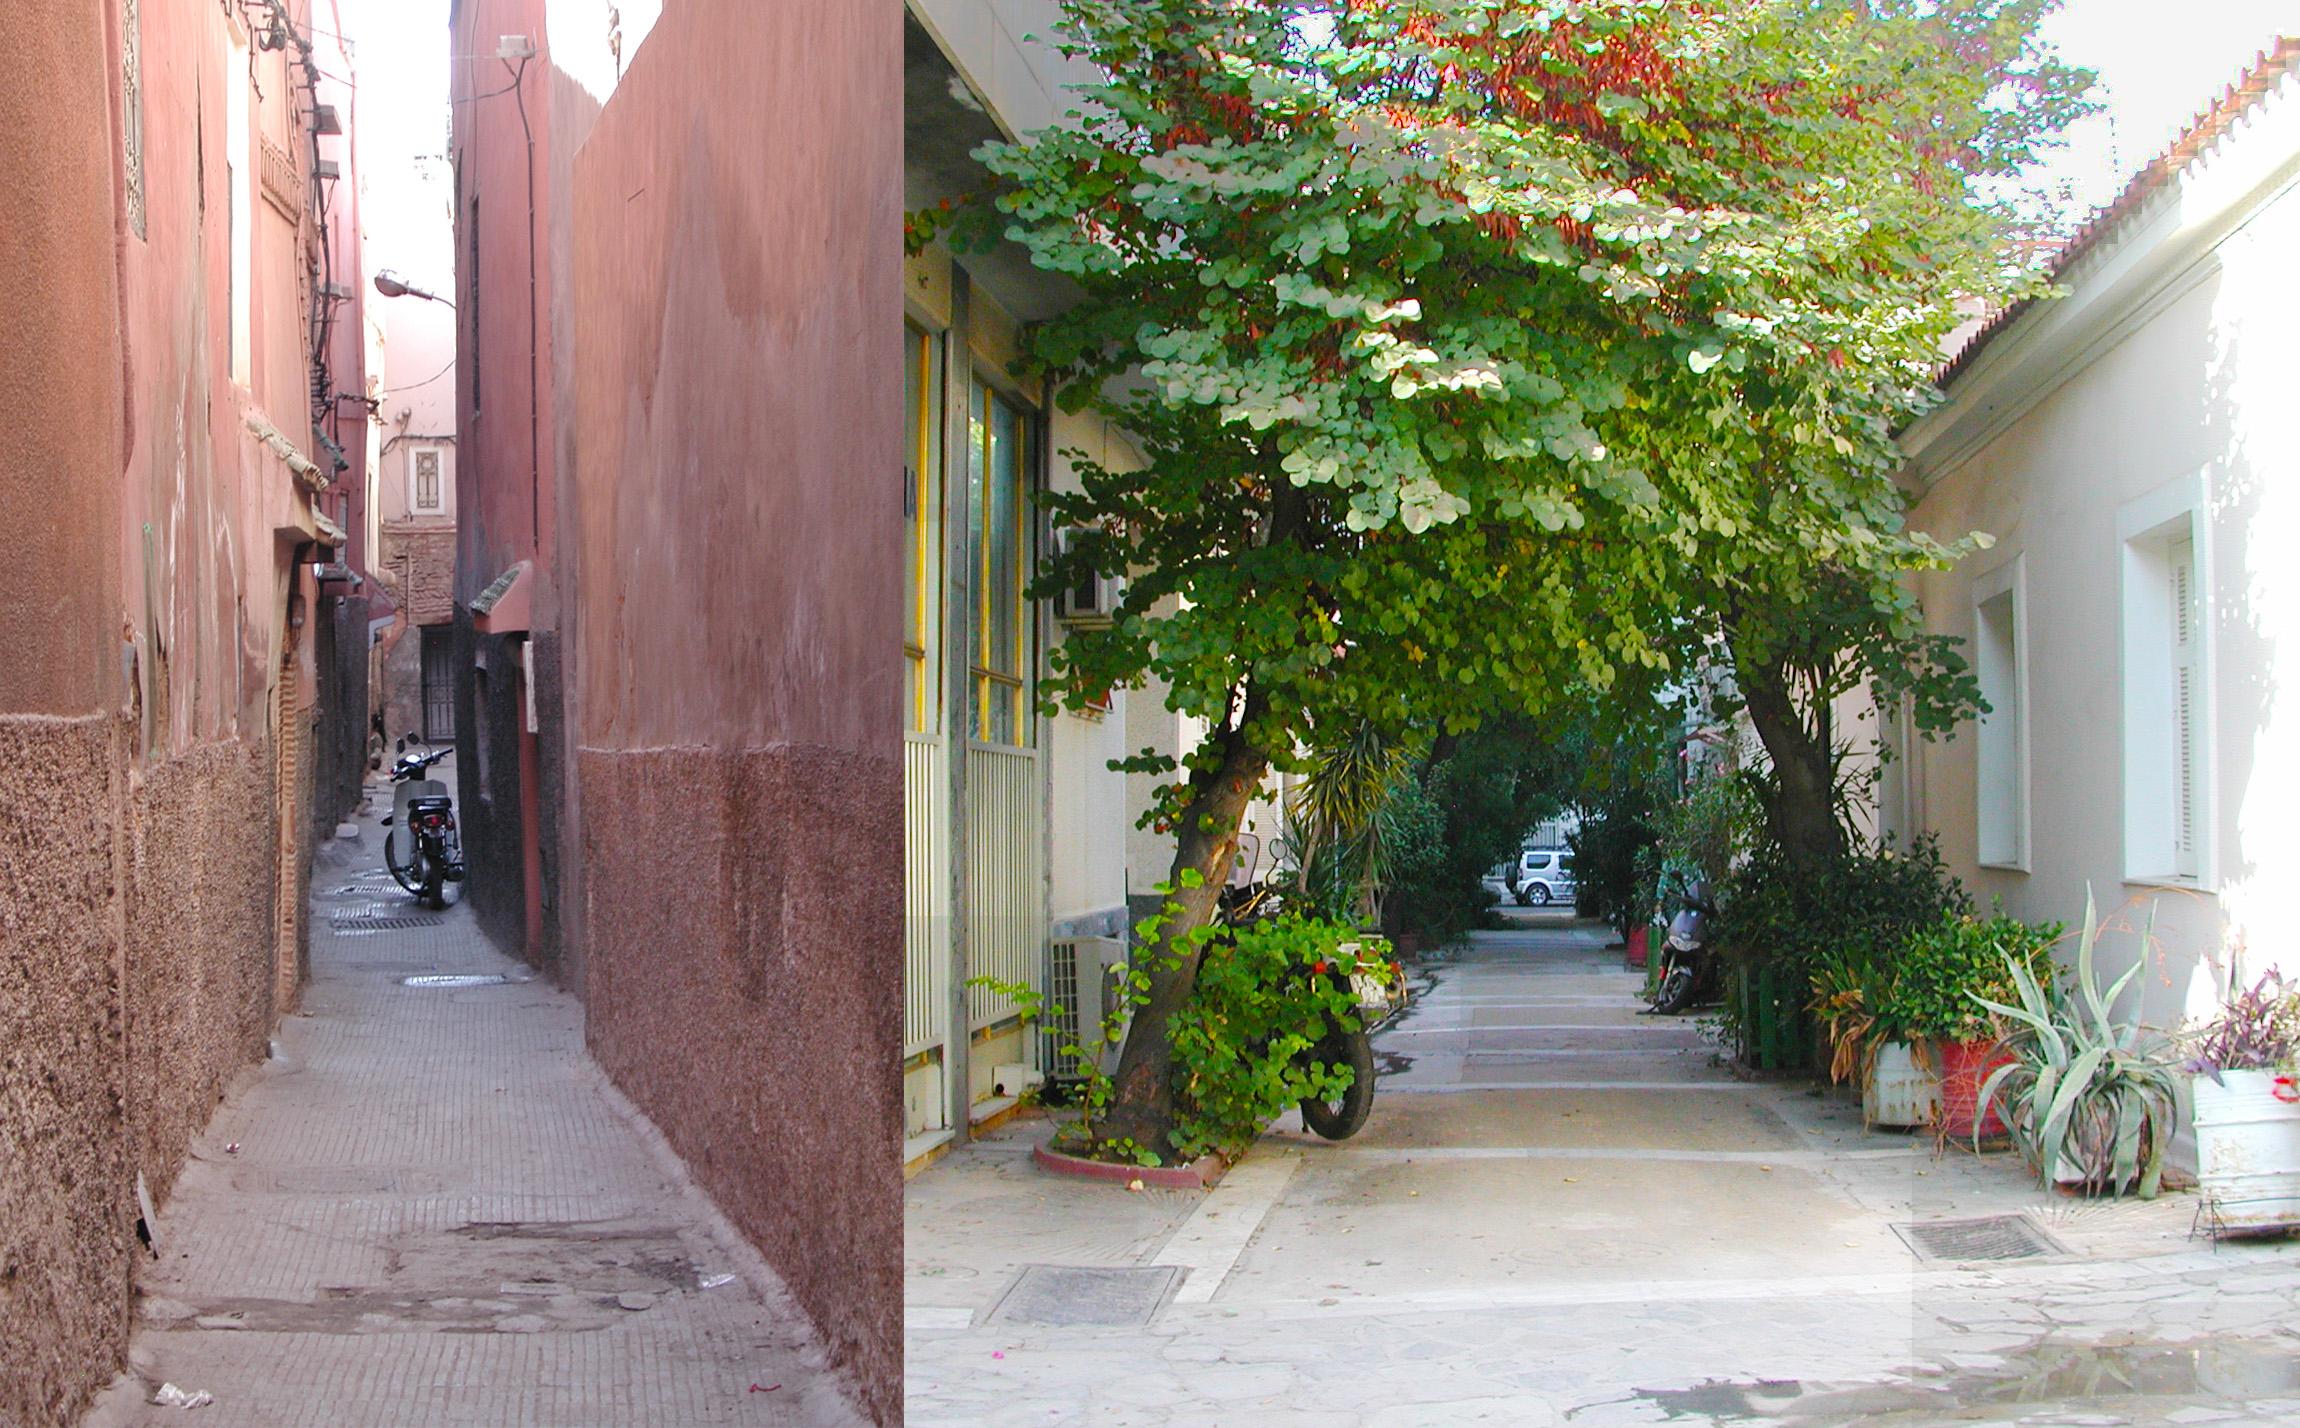 Sixand12-footStreetsCompposite